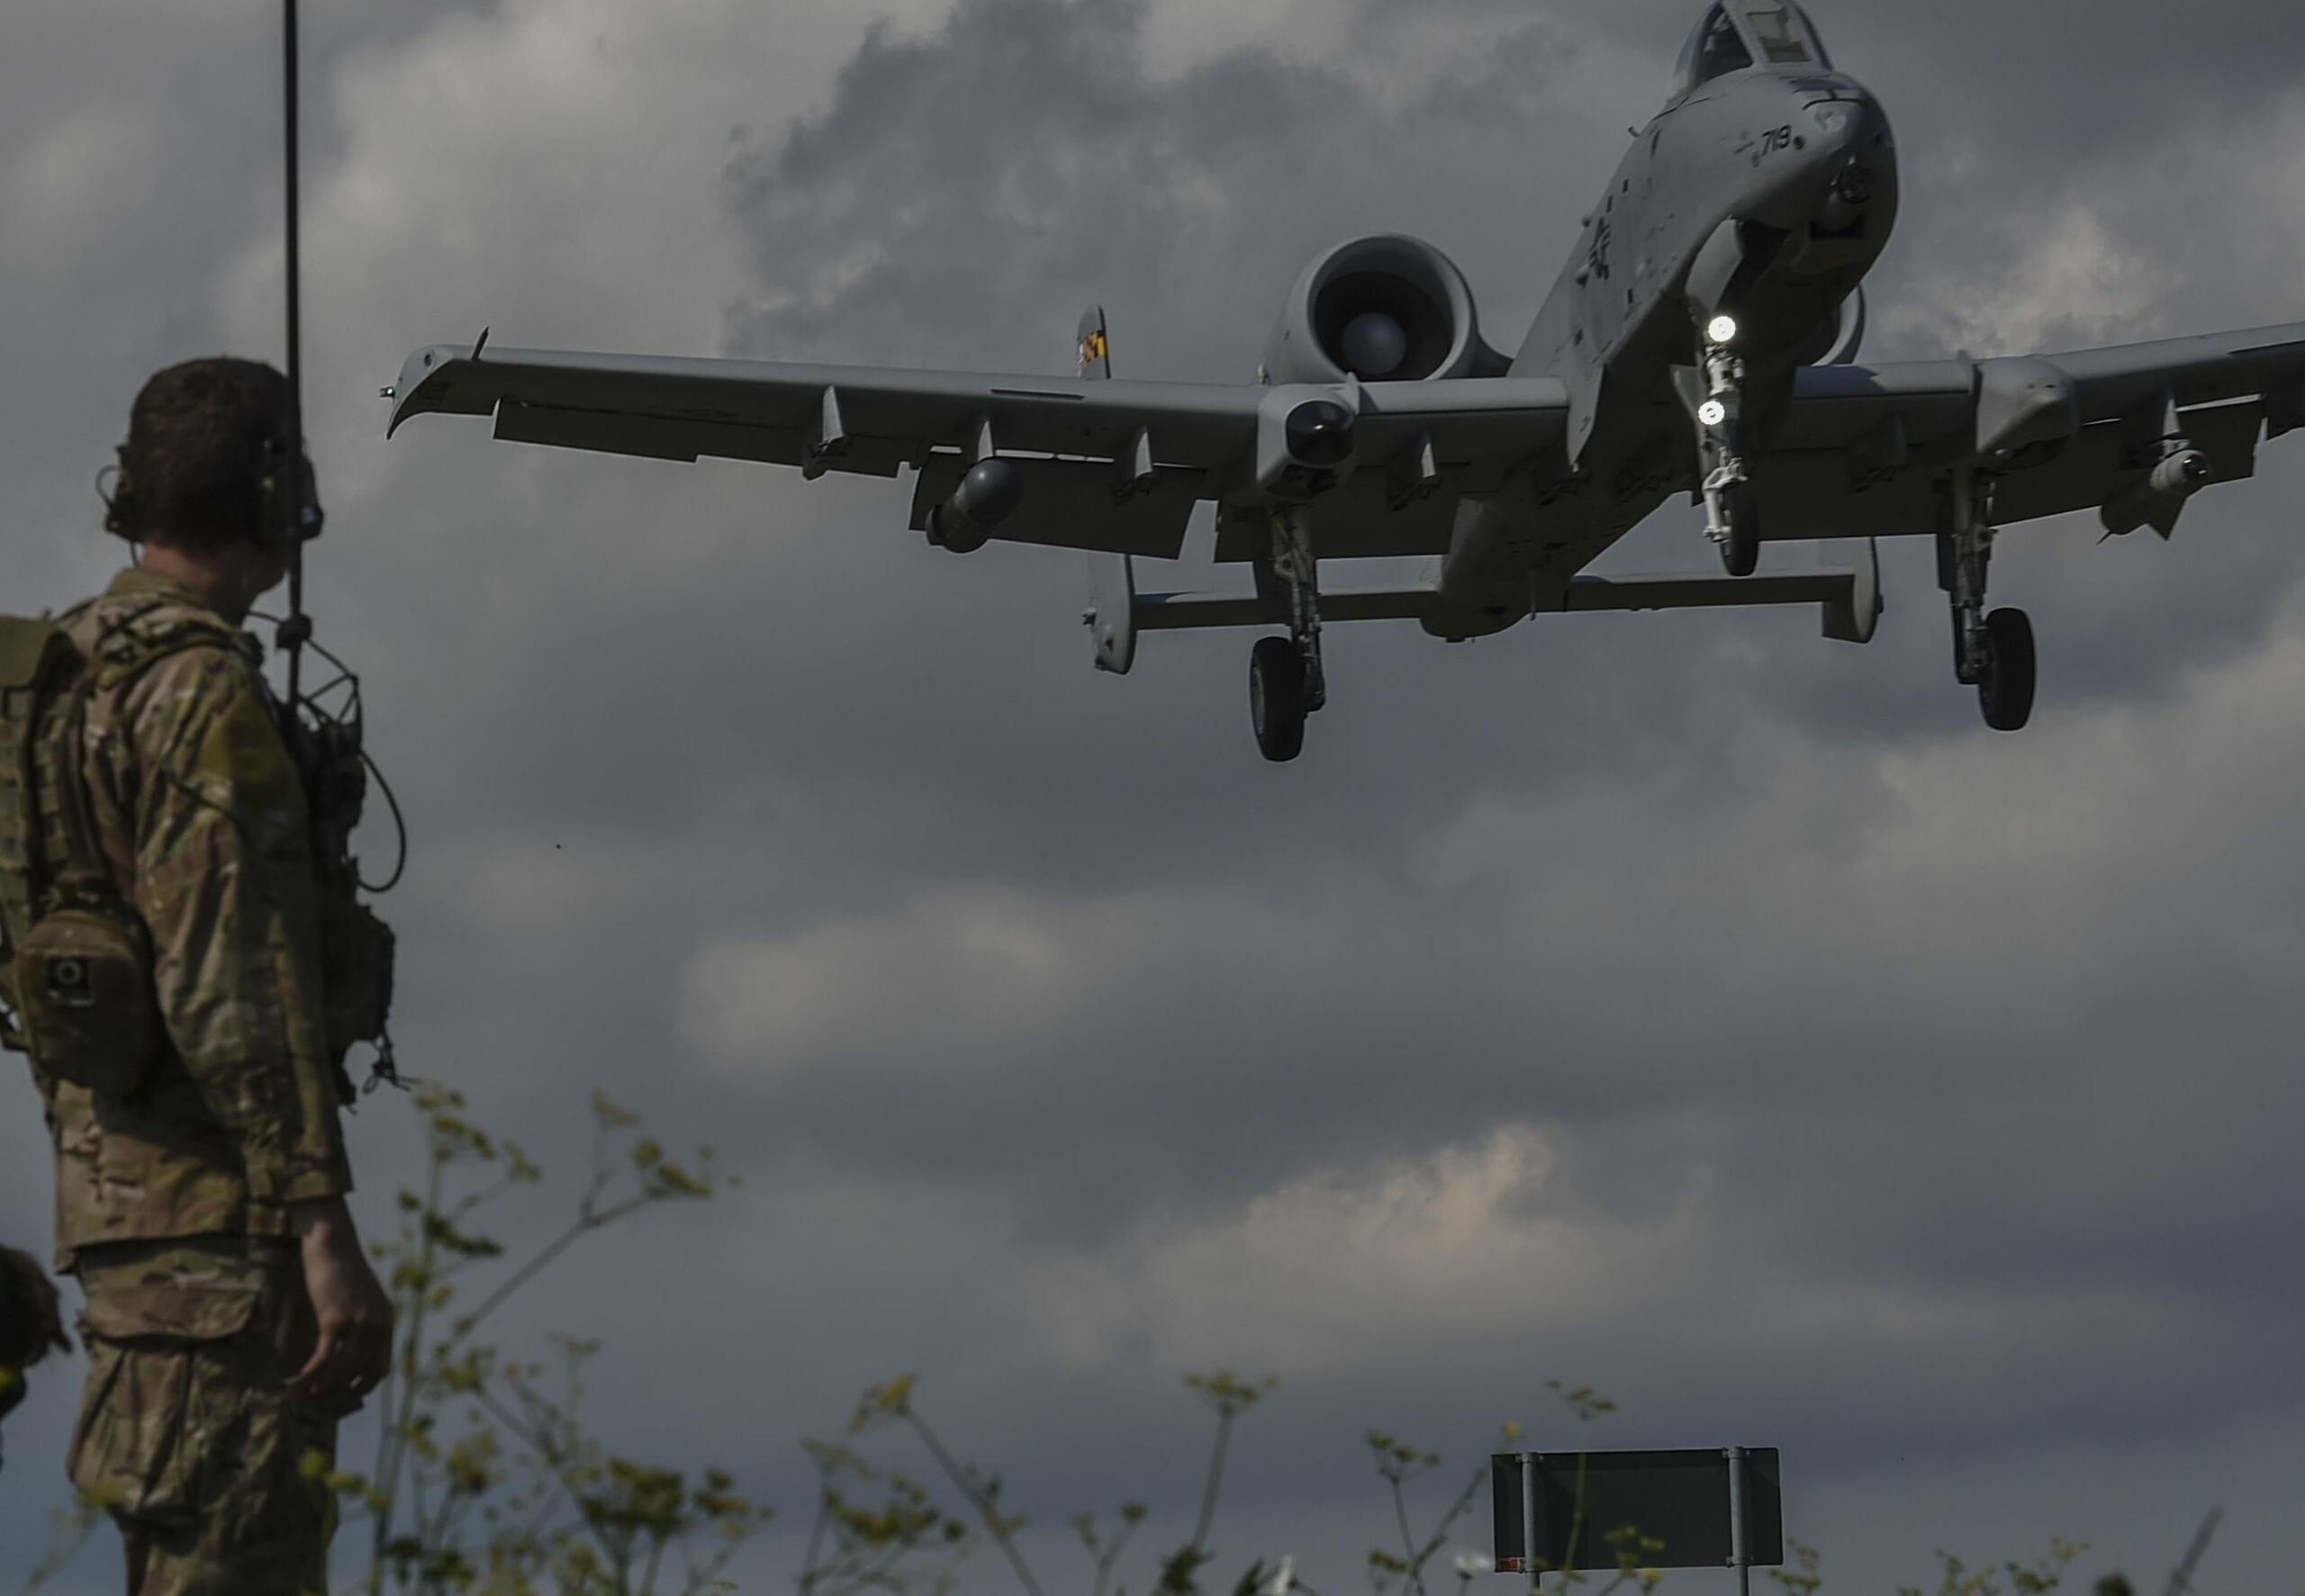 معضلة الجو: استراتيجية مواجهة التفوق الجوي - تقييم القوة الجوية المعادية 3